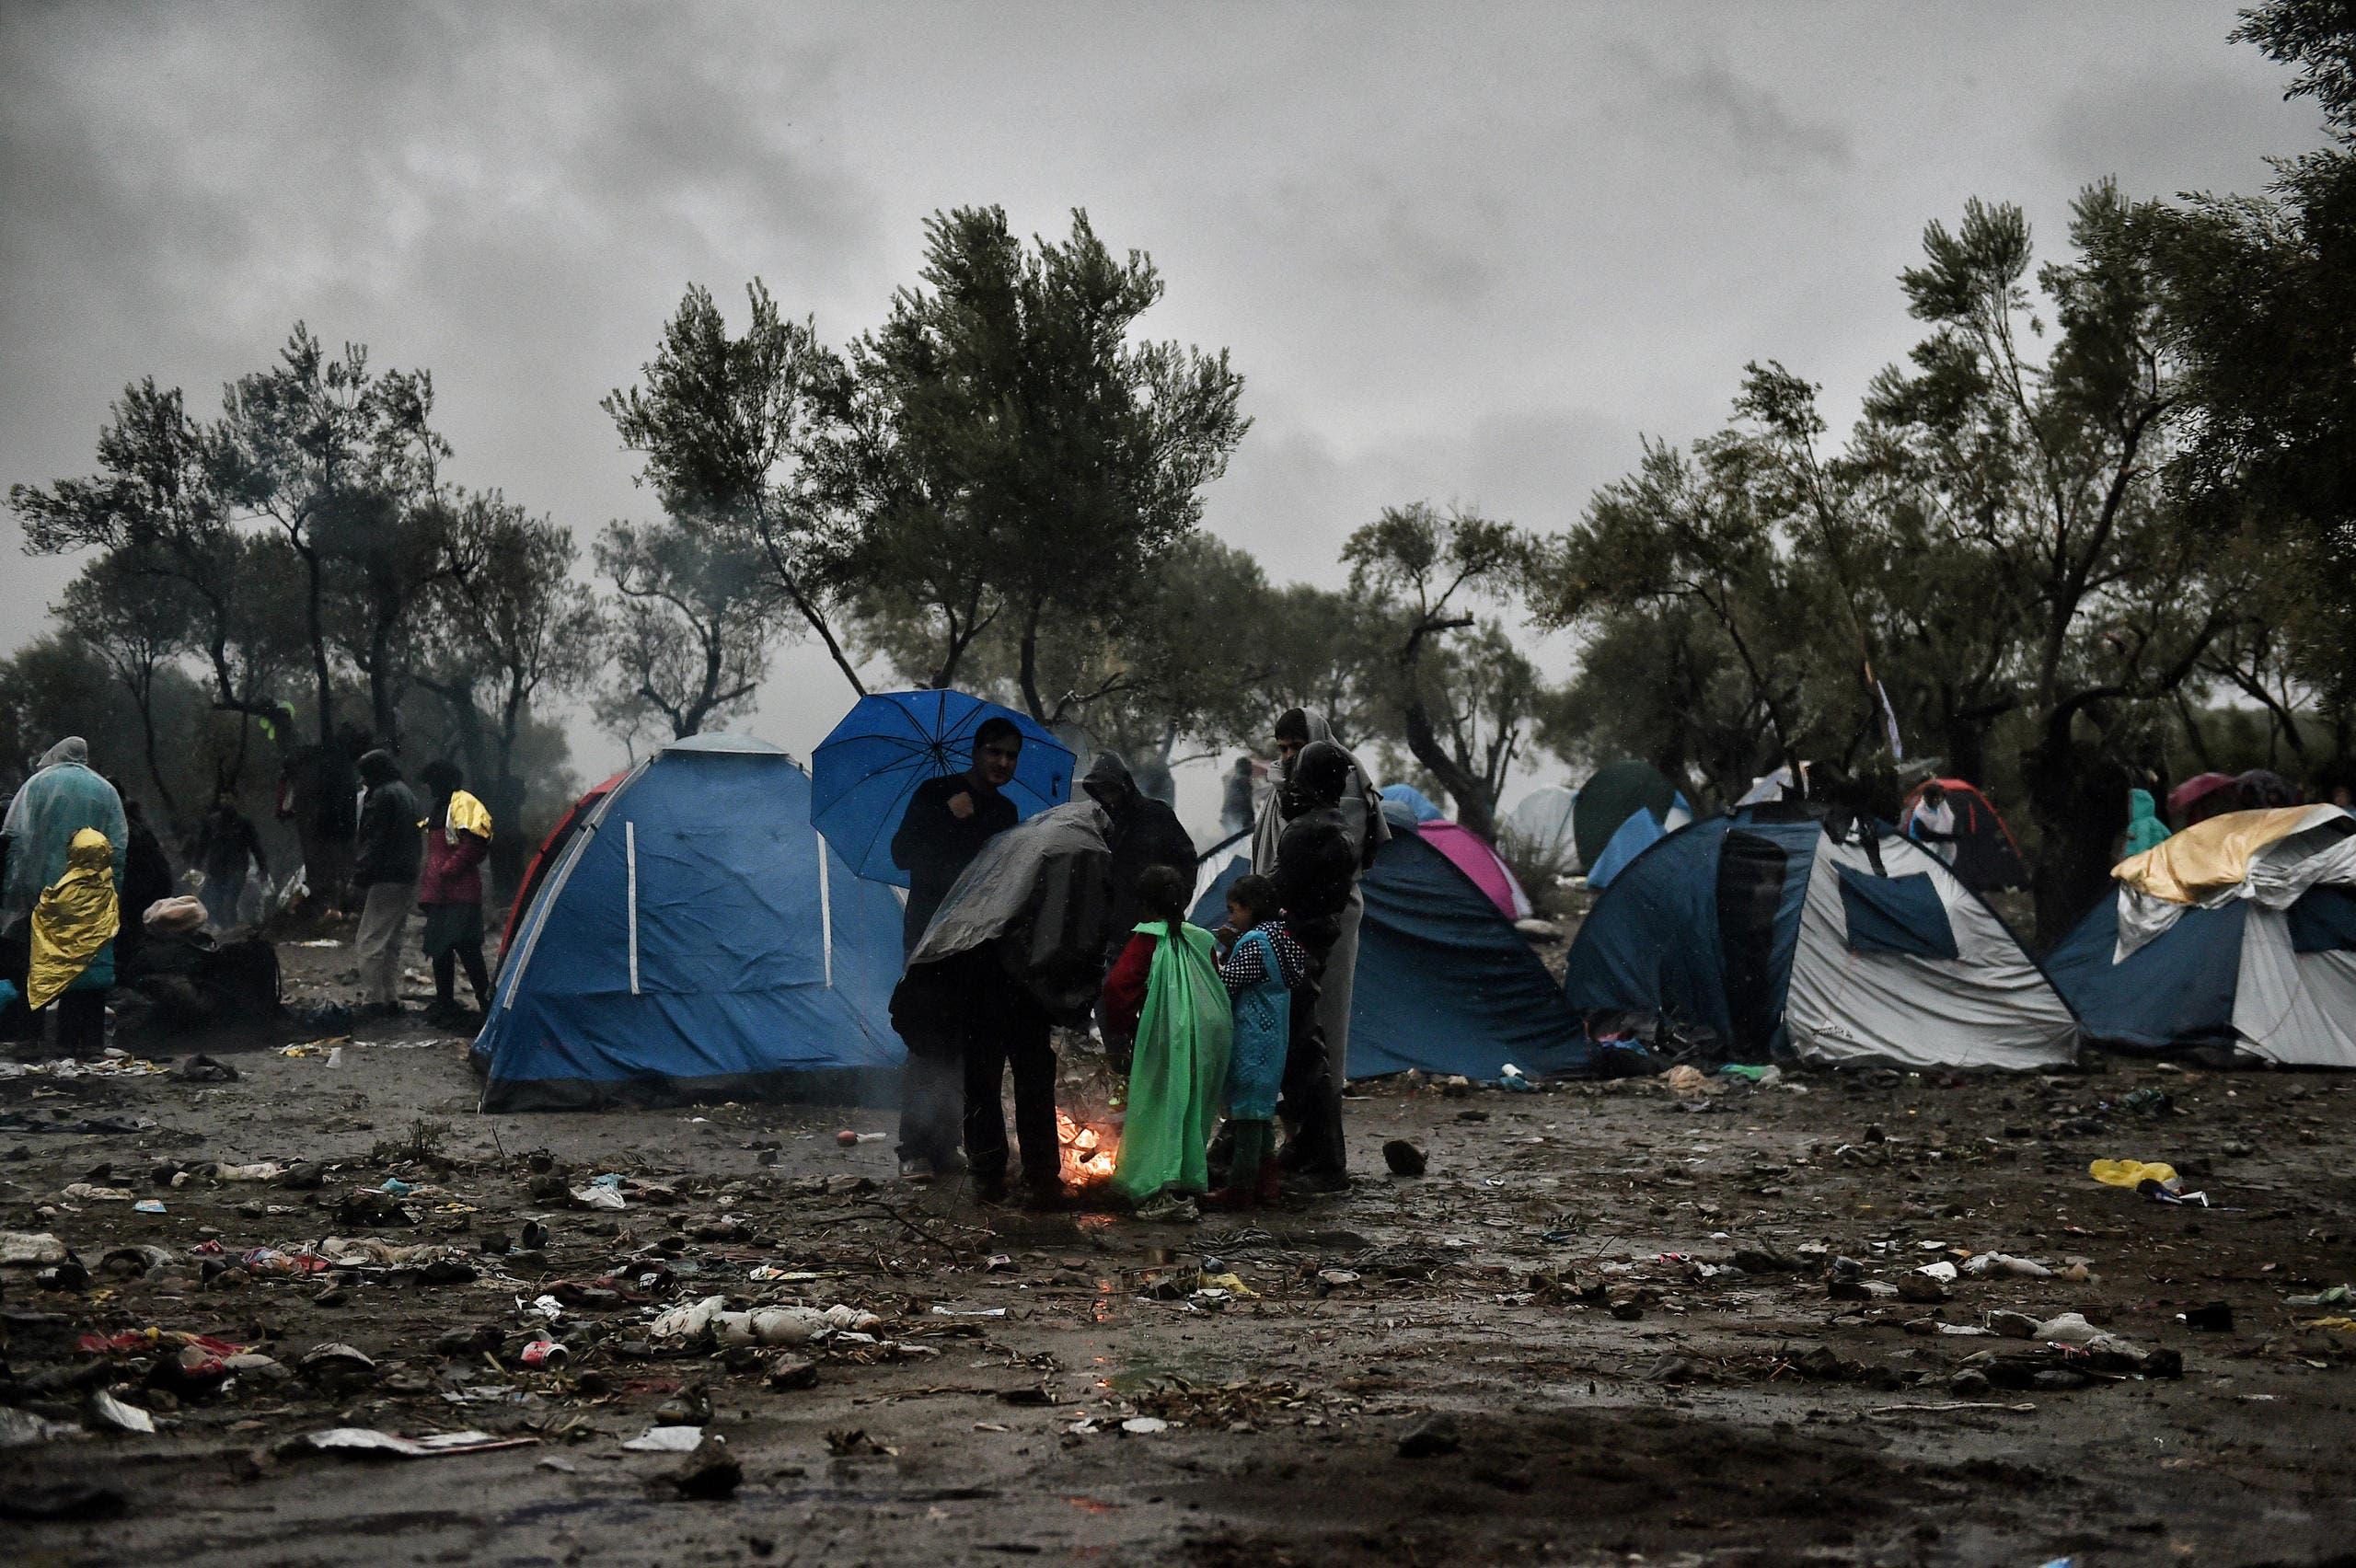 Flüchtlinge warten im starken Regen ausserhalb von Moria. (Bild: AFP/Aris Messinis)